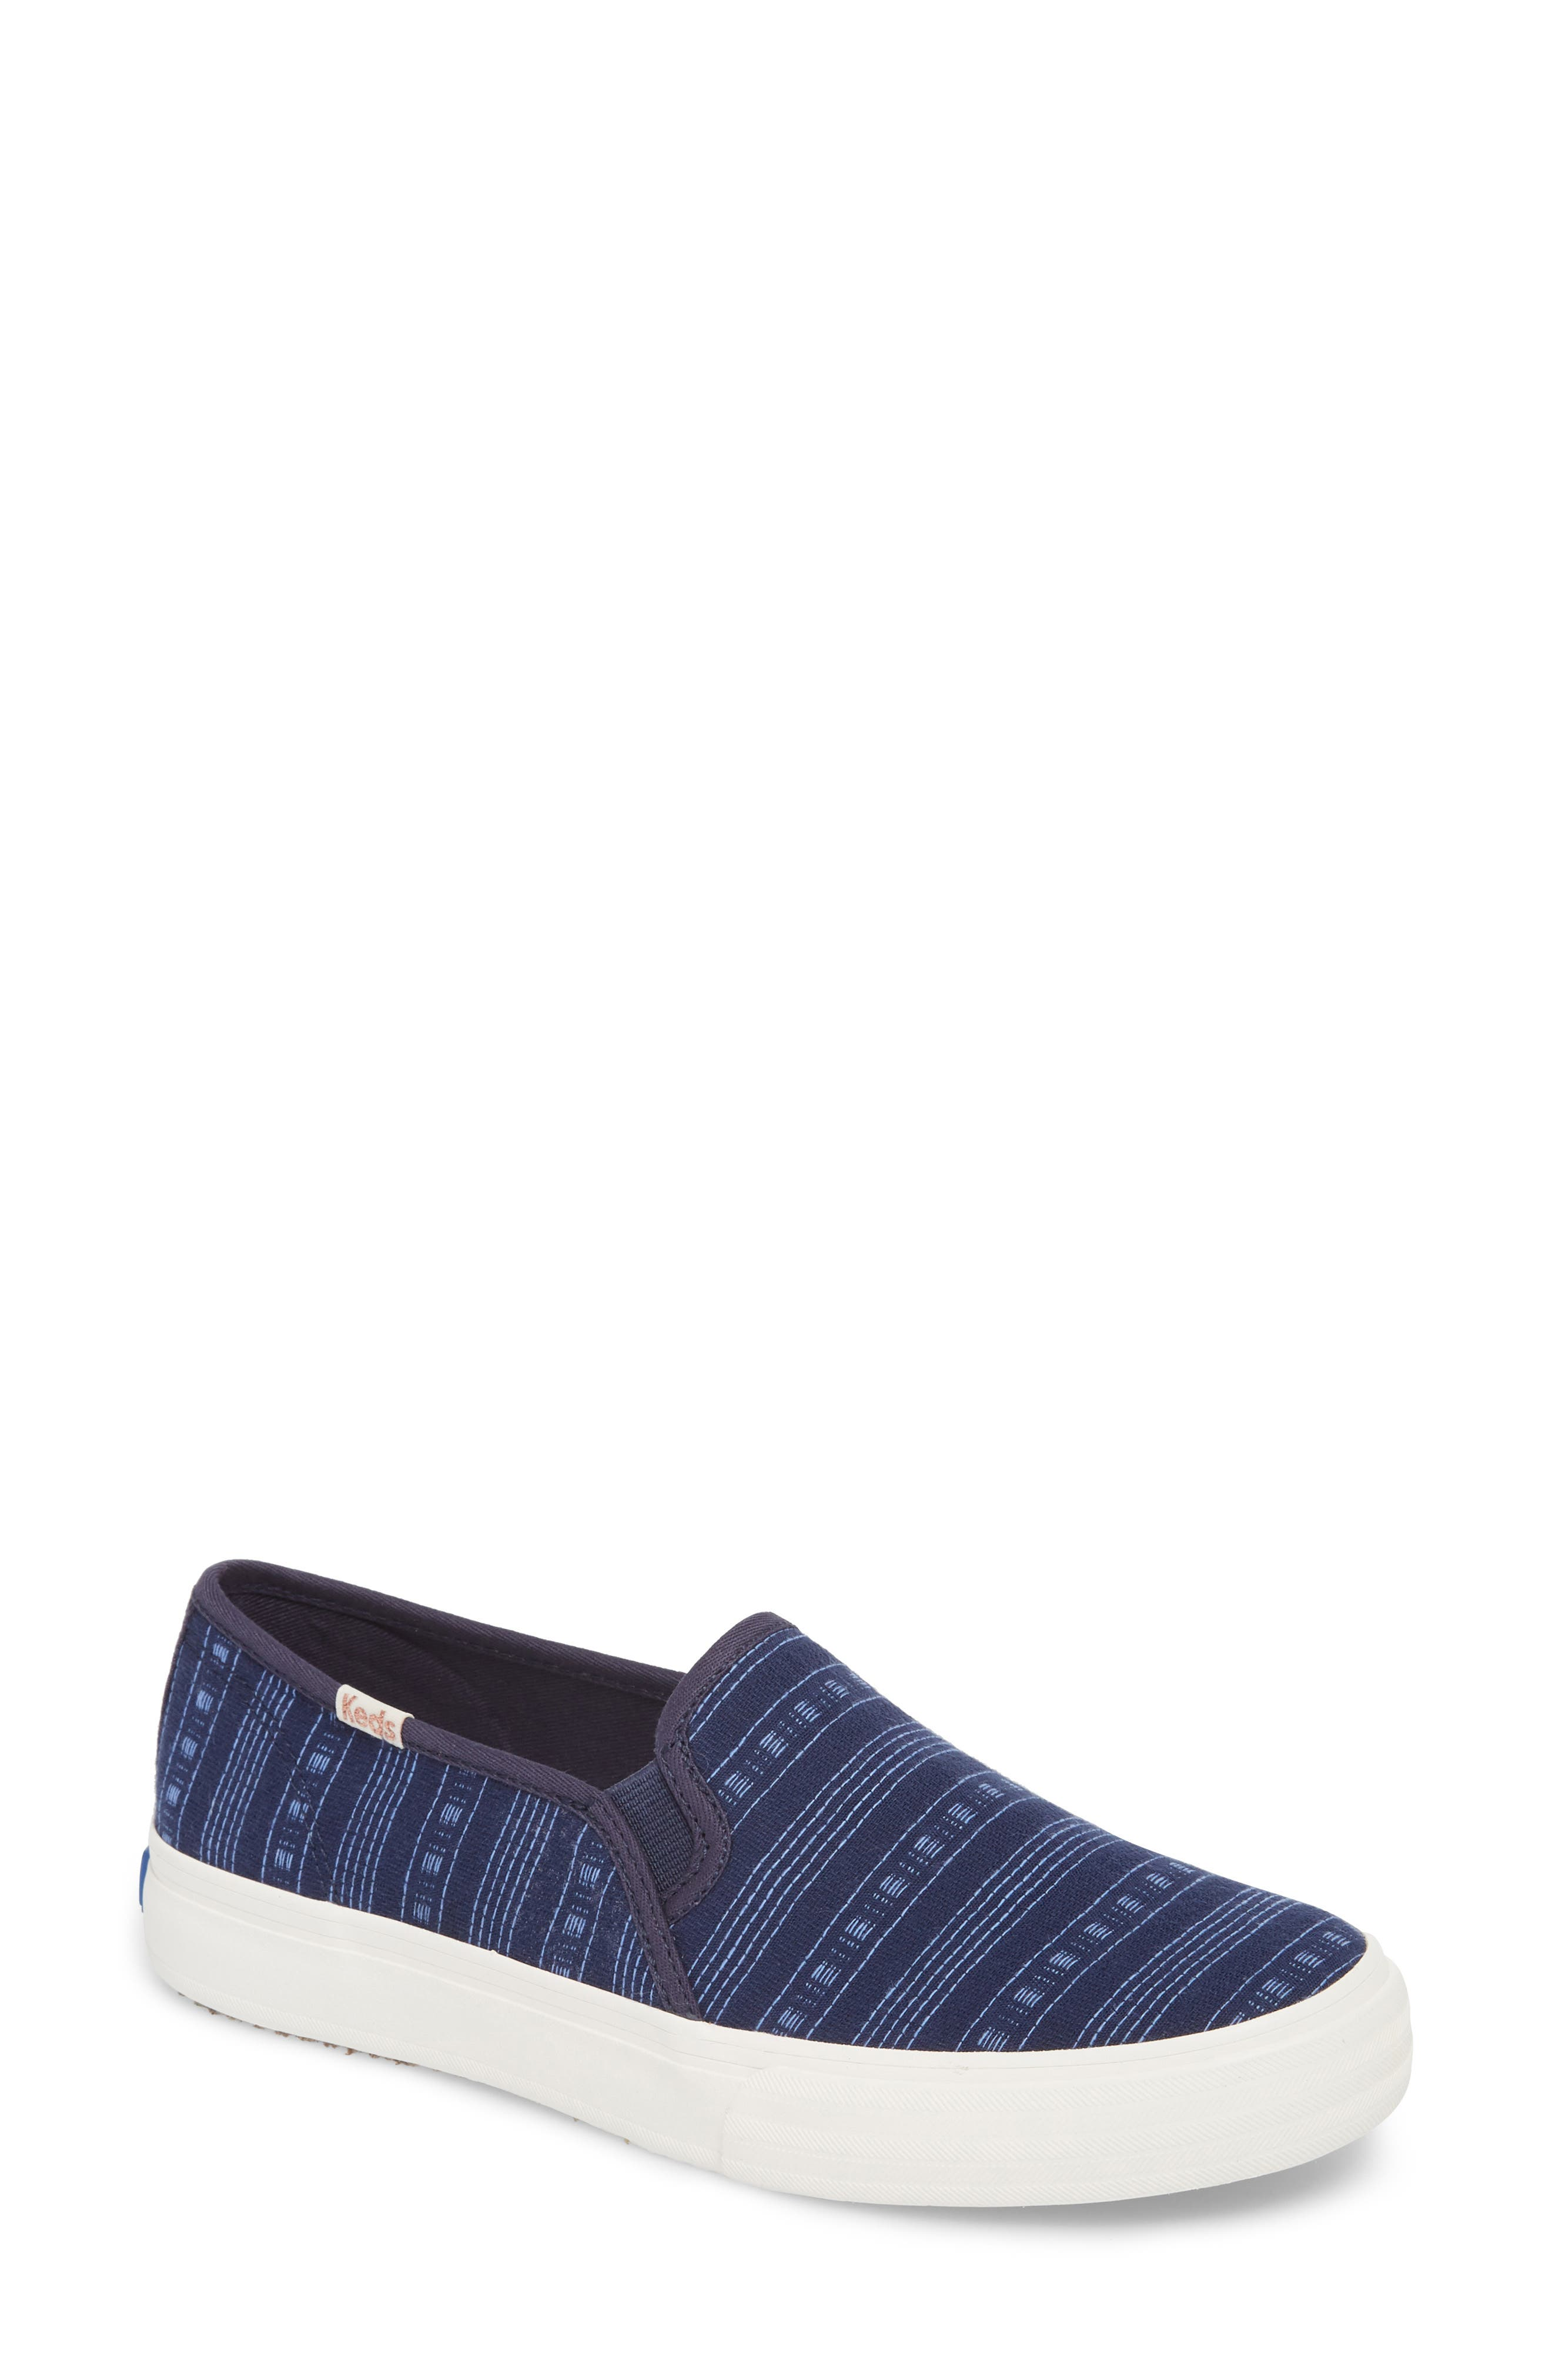 Alternate Image 1 Selected - Keds® Double Decker Summer Stripe Slip-On Sneaker (Women)